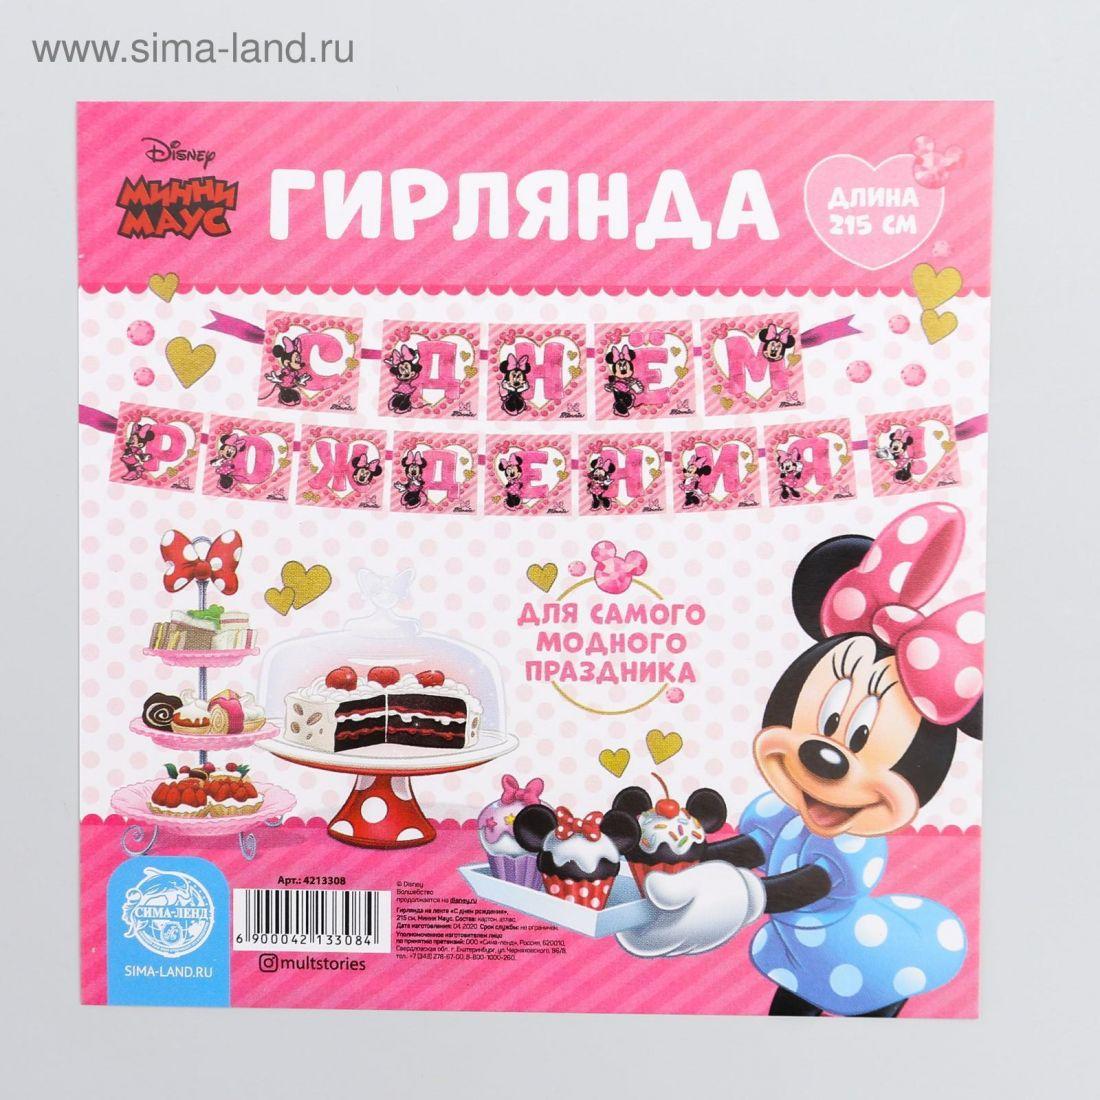 Гирлянда Минни Маус С Днем Рождения розовая сердечки на флажках